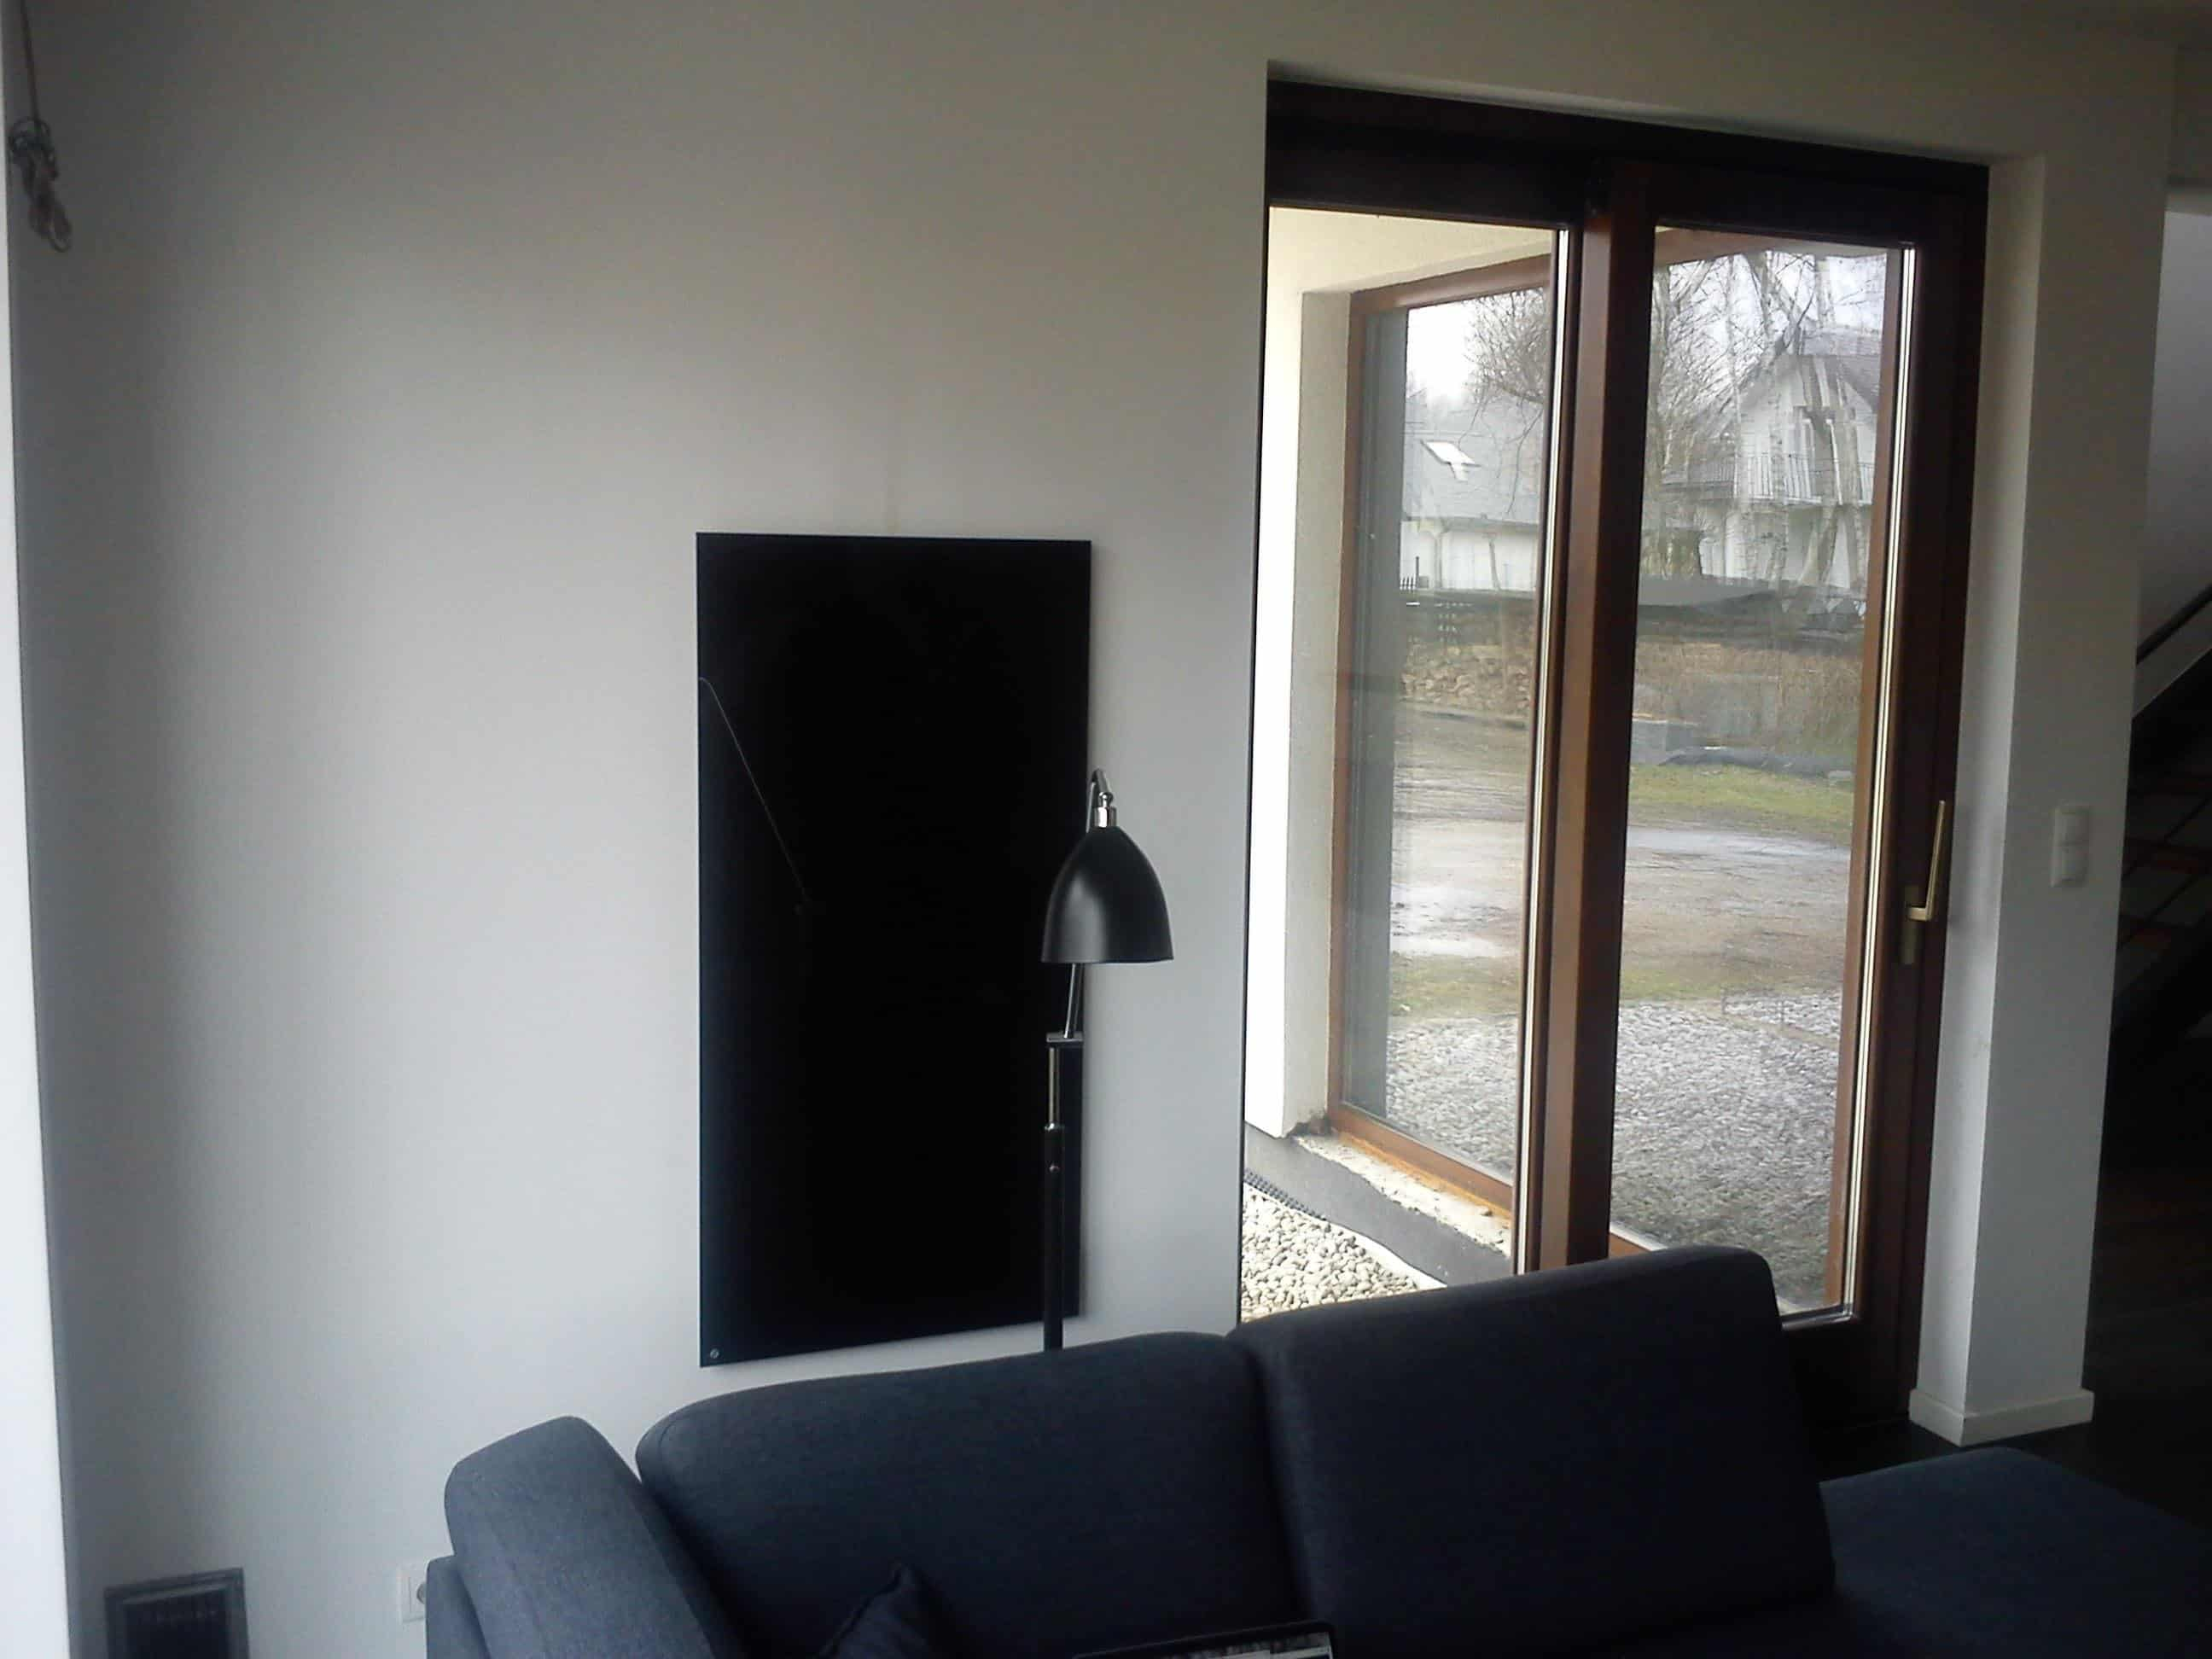 DSC00556 - Glasheizungsstrahler und Wärmespiegel